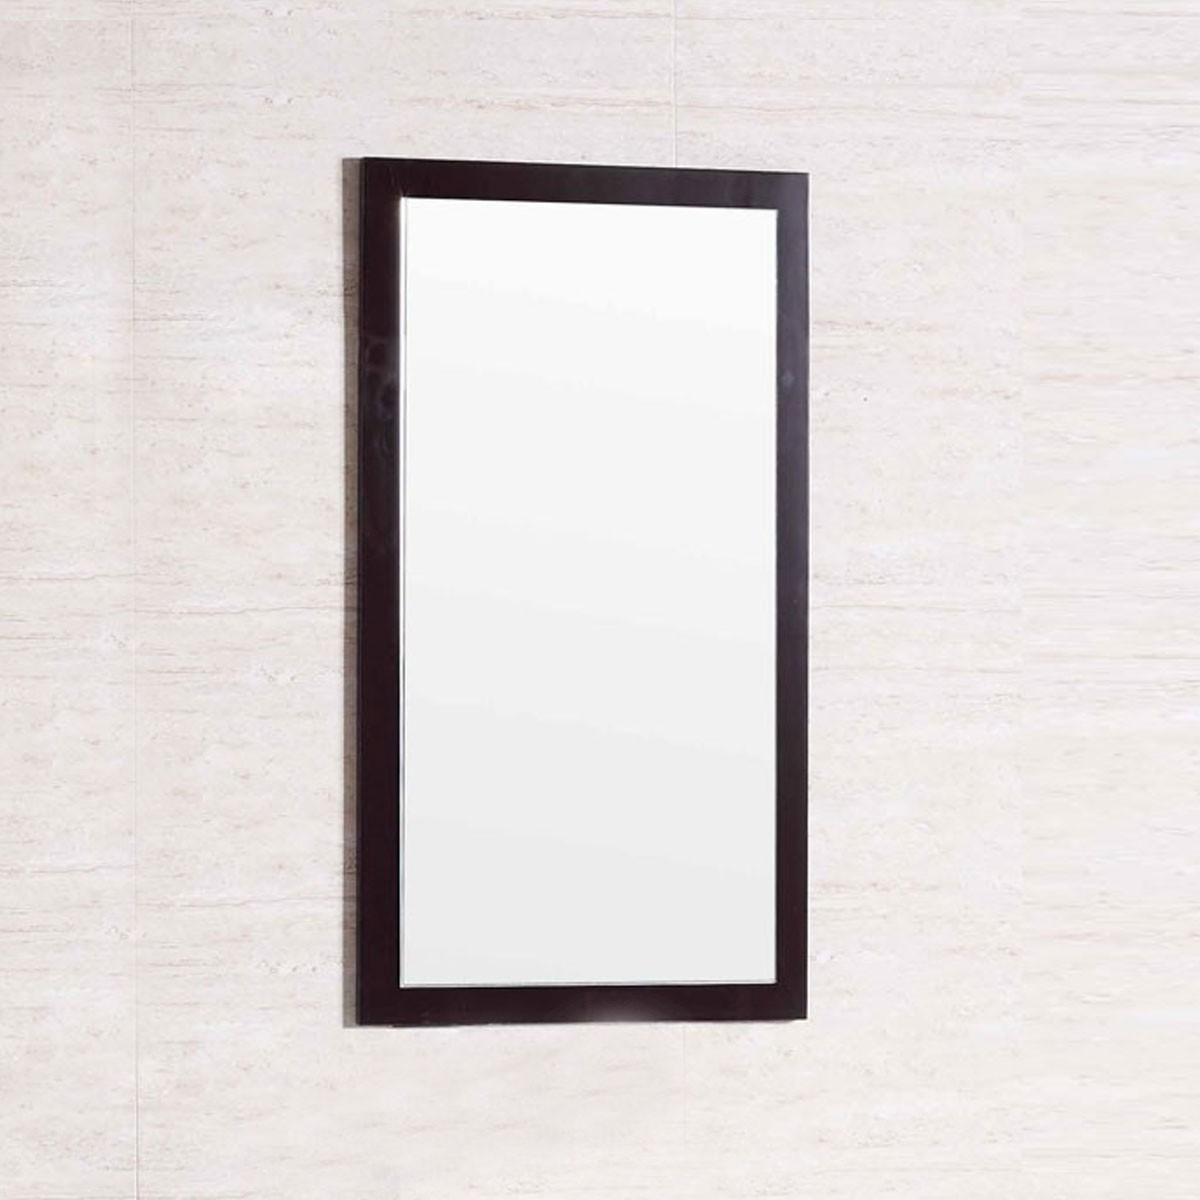 20 x 35 In. Bathroom Vanity Mirror (DK-T9146-M)